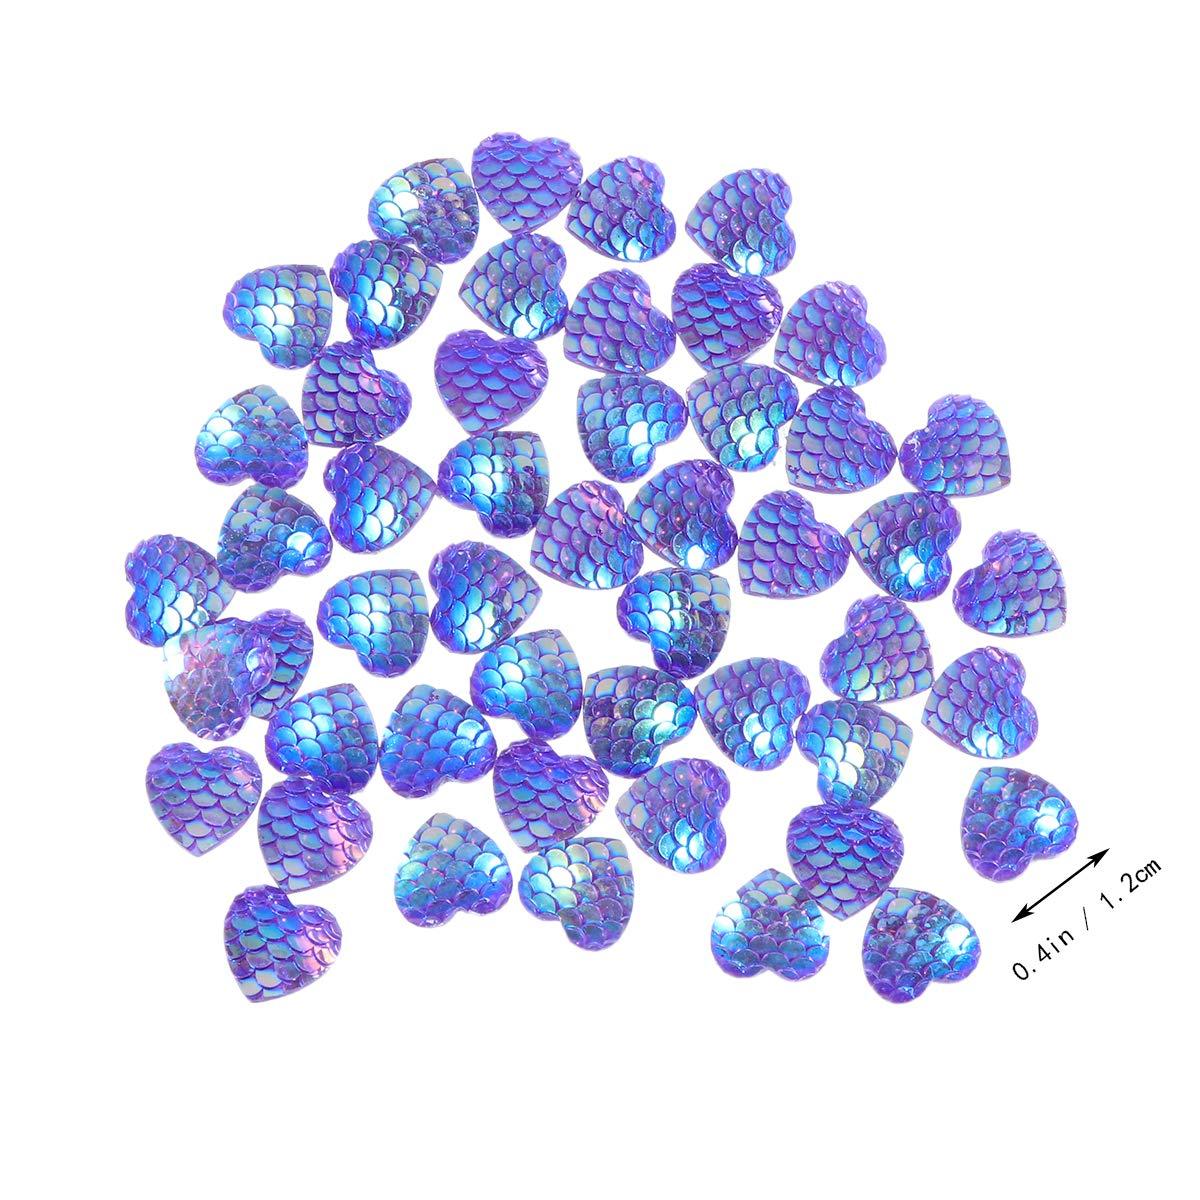 5 pulgadas color azul y plateado Pastilla de doble articulaci/ón con cabeza tapper AK